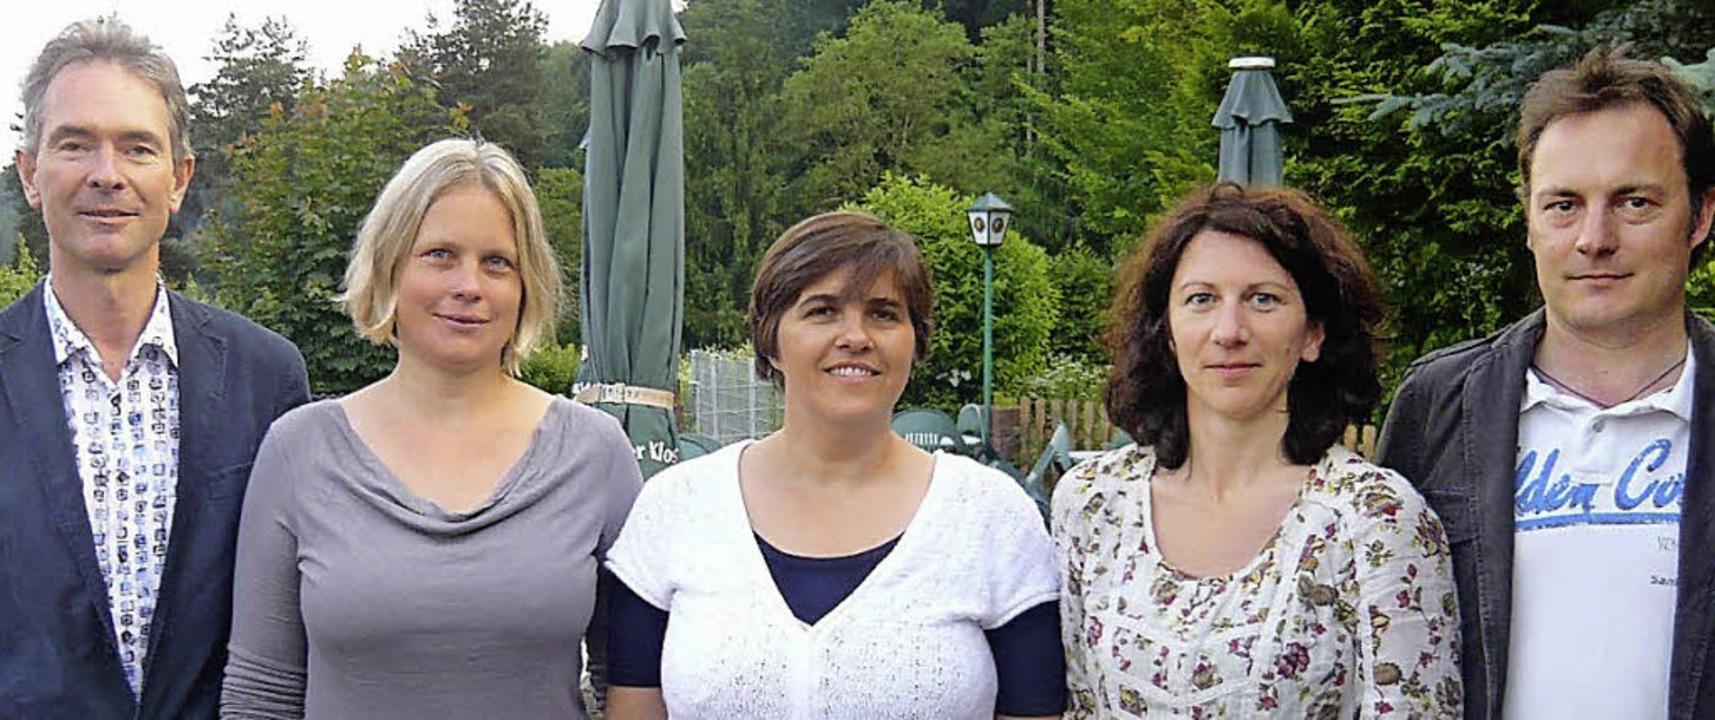 Der ausgeschiedene Vorsitzende Martin ... Beilharz, Birgit und Stefan Gorenflo   | Foto: klaus brust